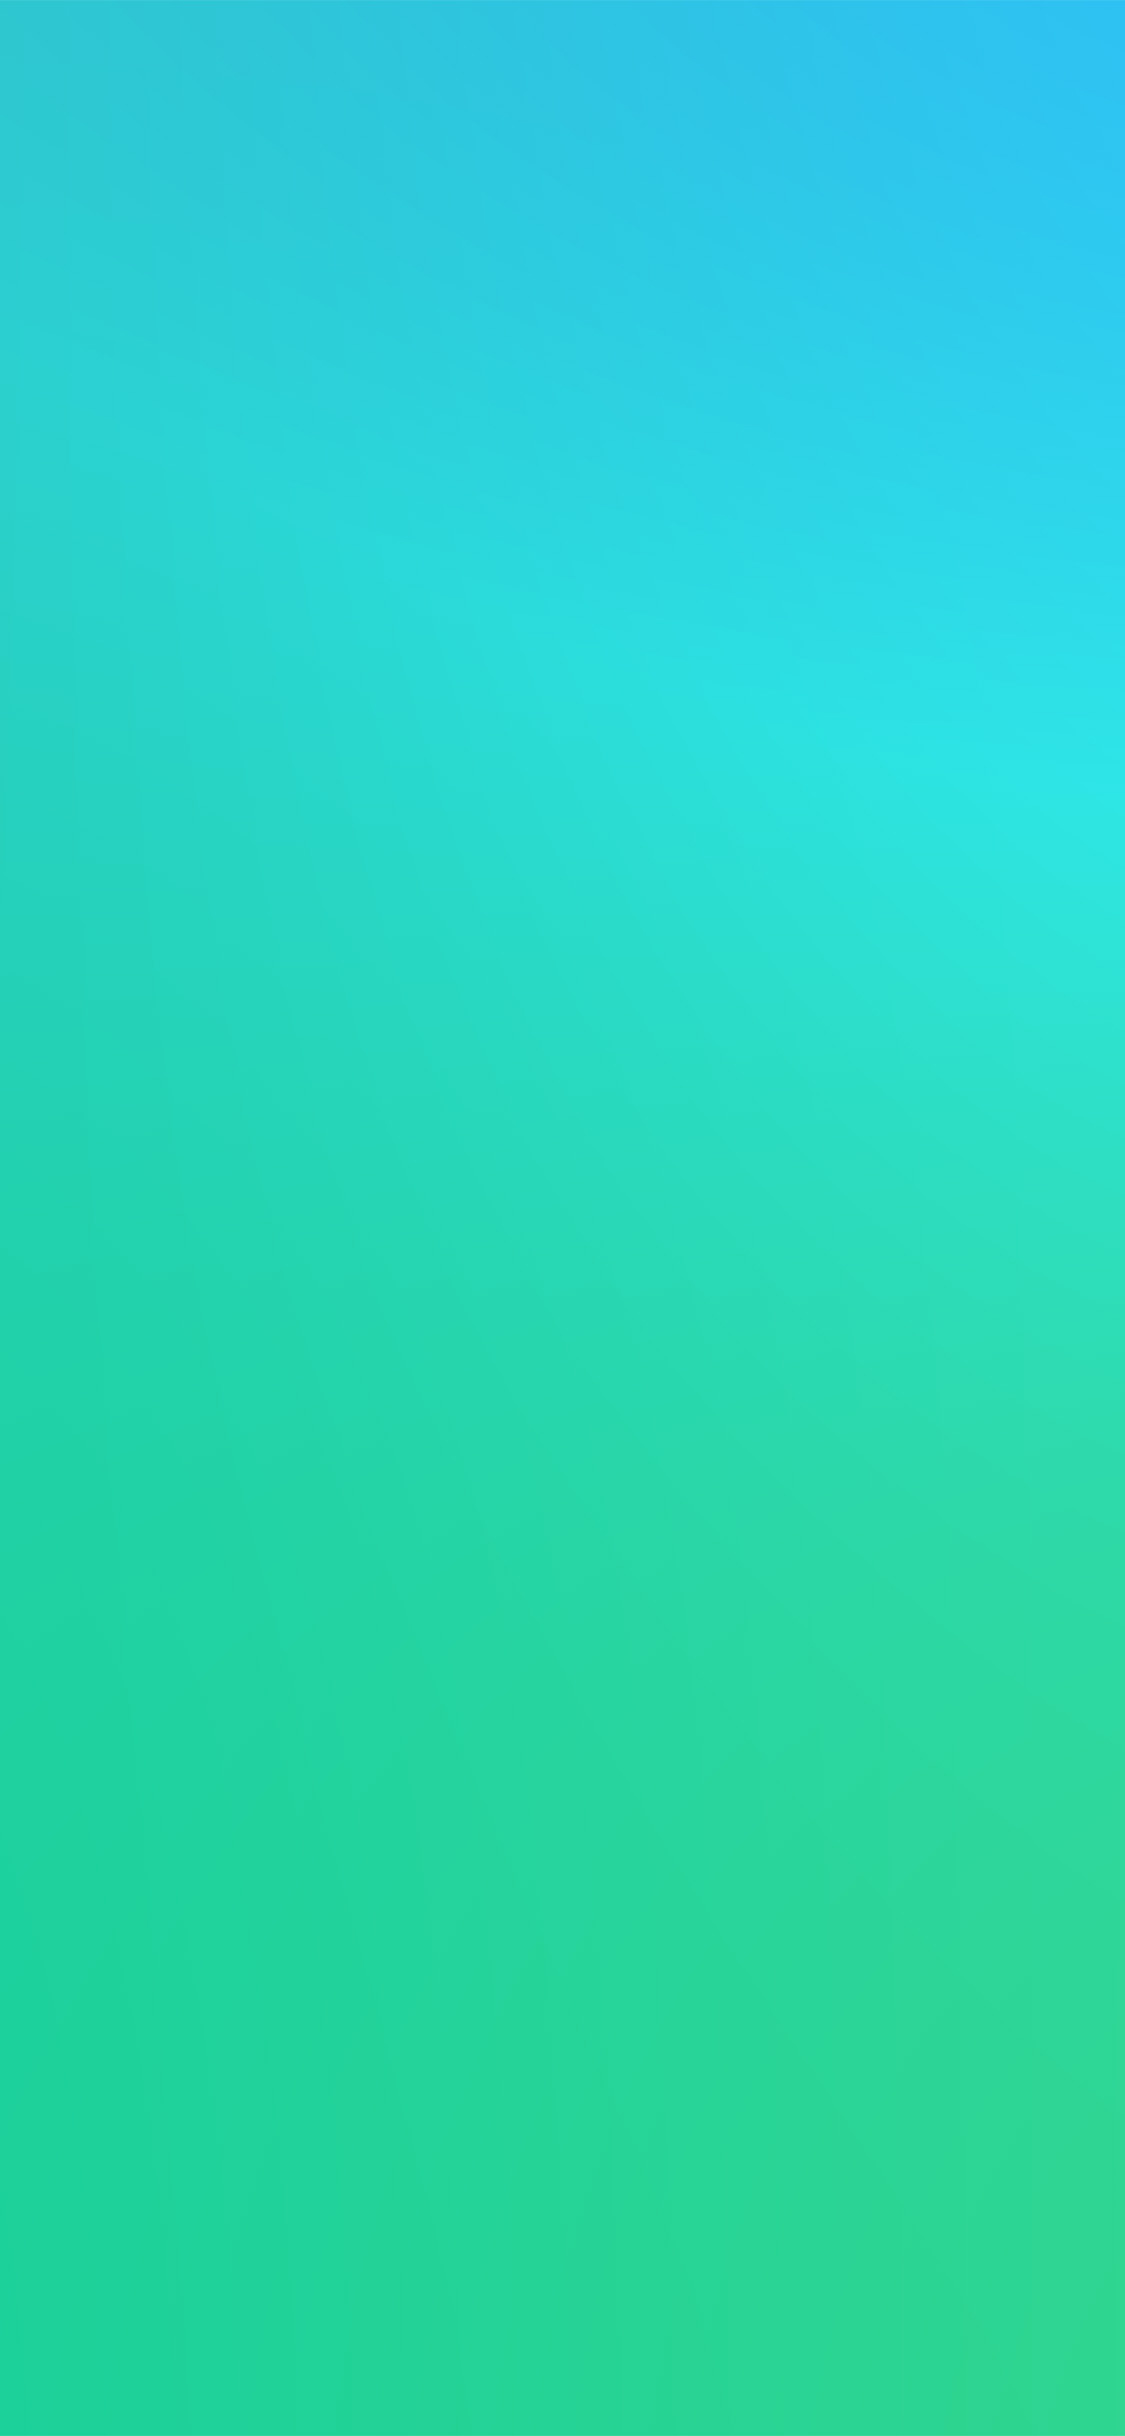 Iphonexpapers Com Iphone X Wallpaper Sm06 Green Blur Gradation